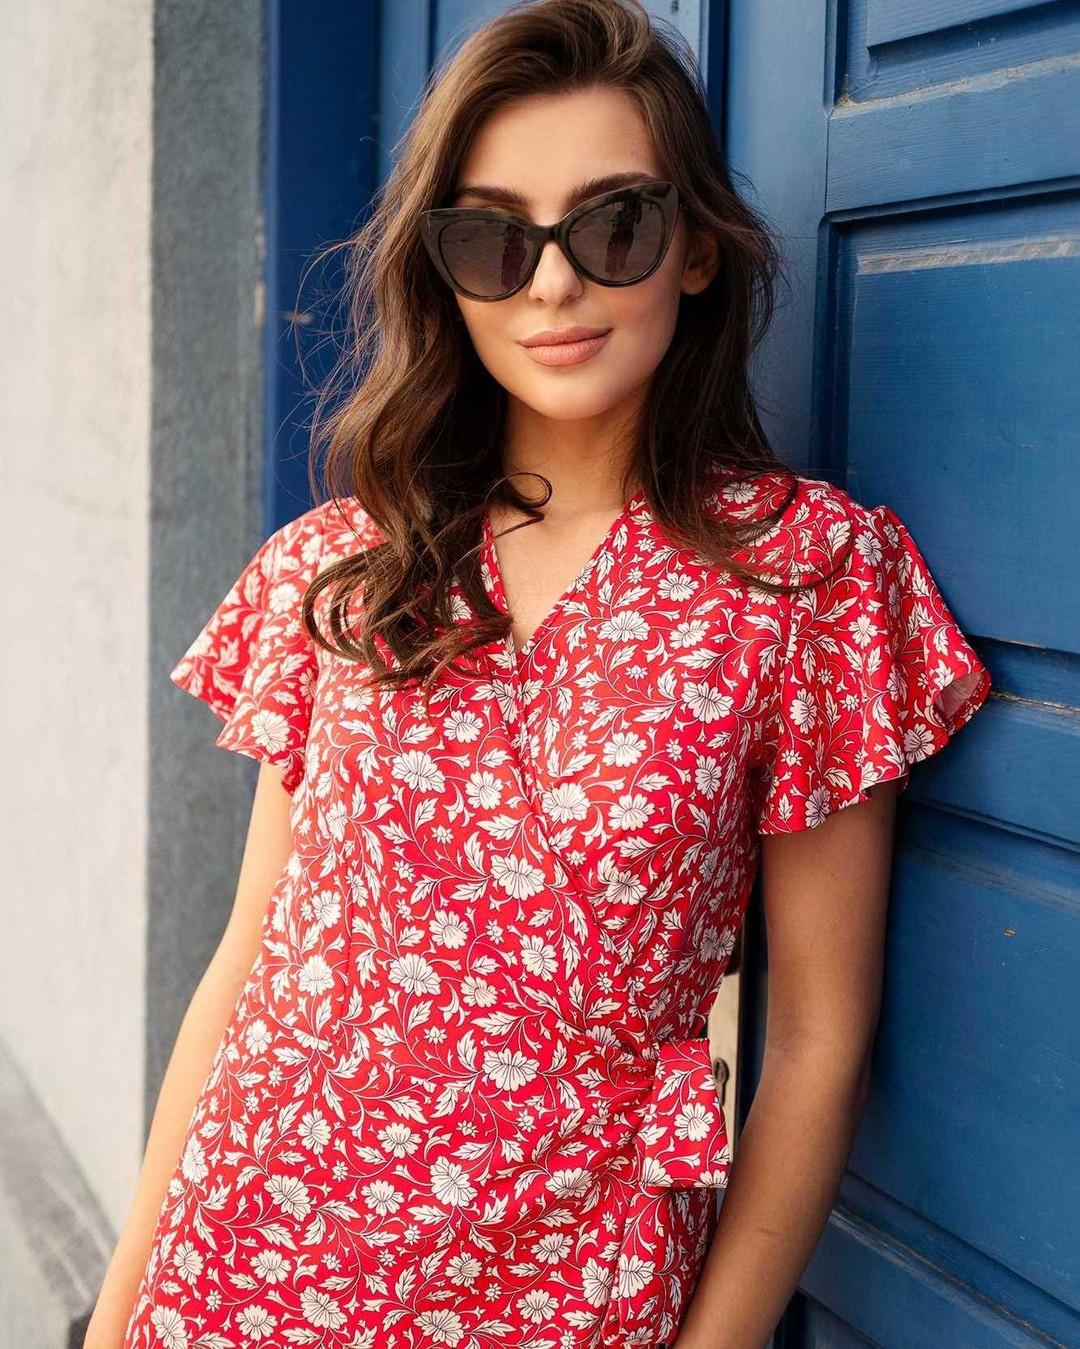 Czy tylko nam ta sukienka przywodzi na myśl wakacje w Saint-Tropez? Ta piękność, dzięki wiązaniu w talii, dopasuje się idealnie do każdej sylwetki, podkreślając jej największe atuty. Duży zakład materiału gwarantuje, że pozostanie twoją tajemnicą, co masz pod spodem. Świetnie skrojona góra i rękawki idealnej długości. W zależności od dodatków, możesz ją założyć na letnie przyjęcie lub spacer po plaży. #sukienka #sukienki #sukienkawkwiaty #sukienkakopertowa #sukienkanalato #sukienkanawesele #sukienkawkwiatki #sukienkawłączkę #summerdress #sukienazwiązaniem #sukienawiązana #nowości #lato2021 #letniesukienki #fashionblogger #nosimysukienki #wsukience #latowsukience #wakacje #sukienanalato #kochamysukienki #kobieco #bluedoor #reddress #brownhair #flowerdress #brunetka #modanalato #trendy2021 #sukienka2021